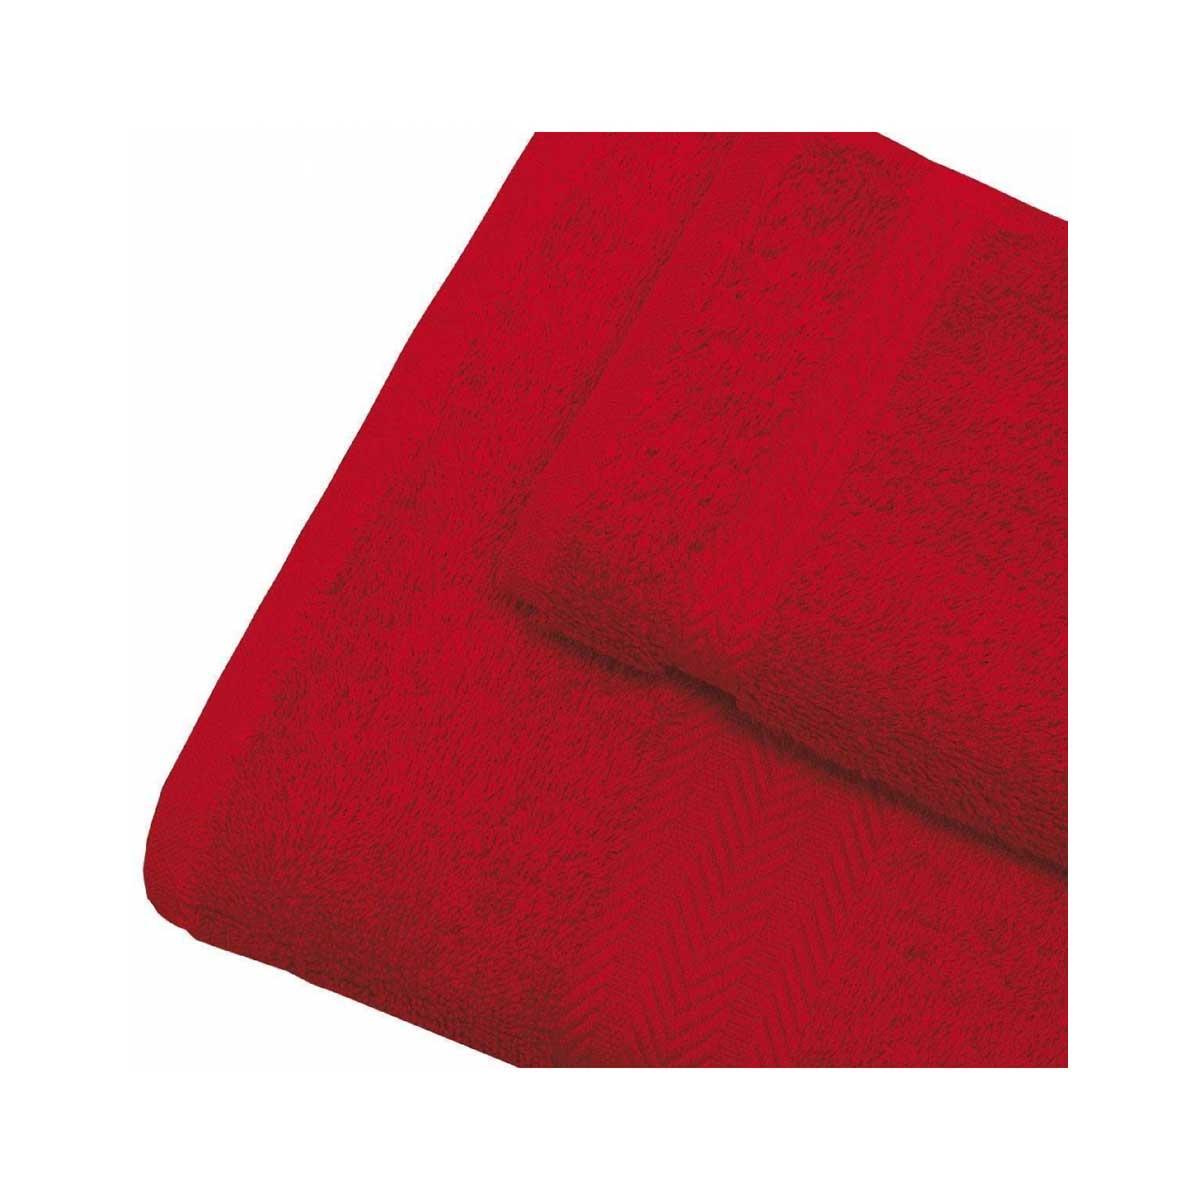 Linge de bain en coton 550gr/m² rubis (Rubis)